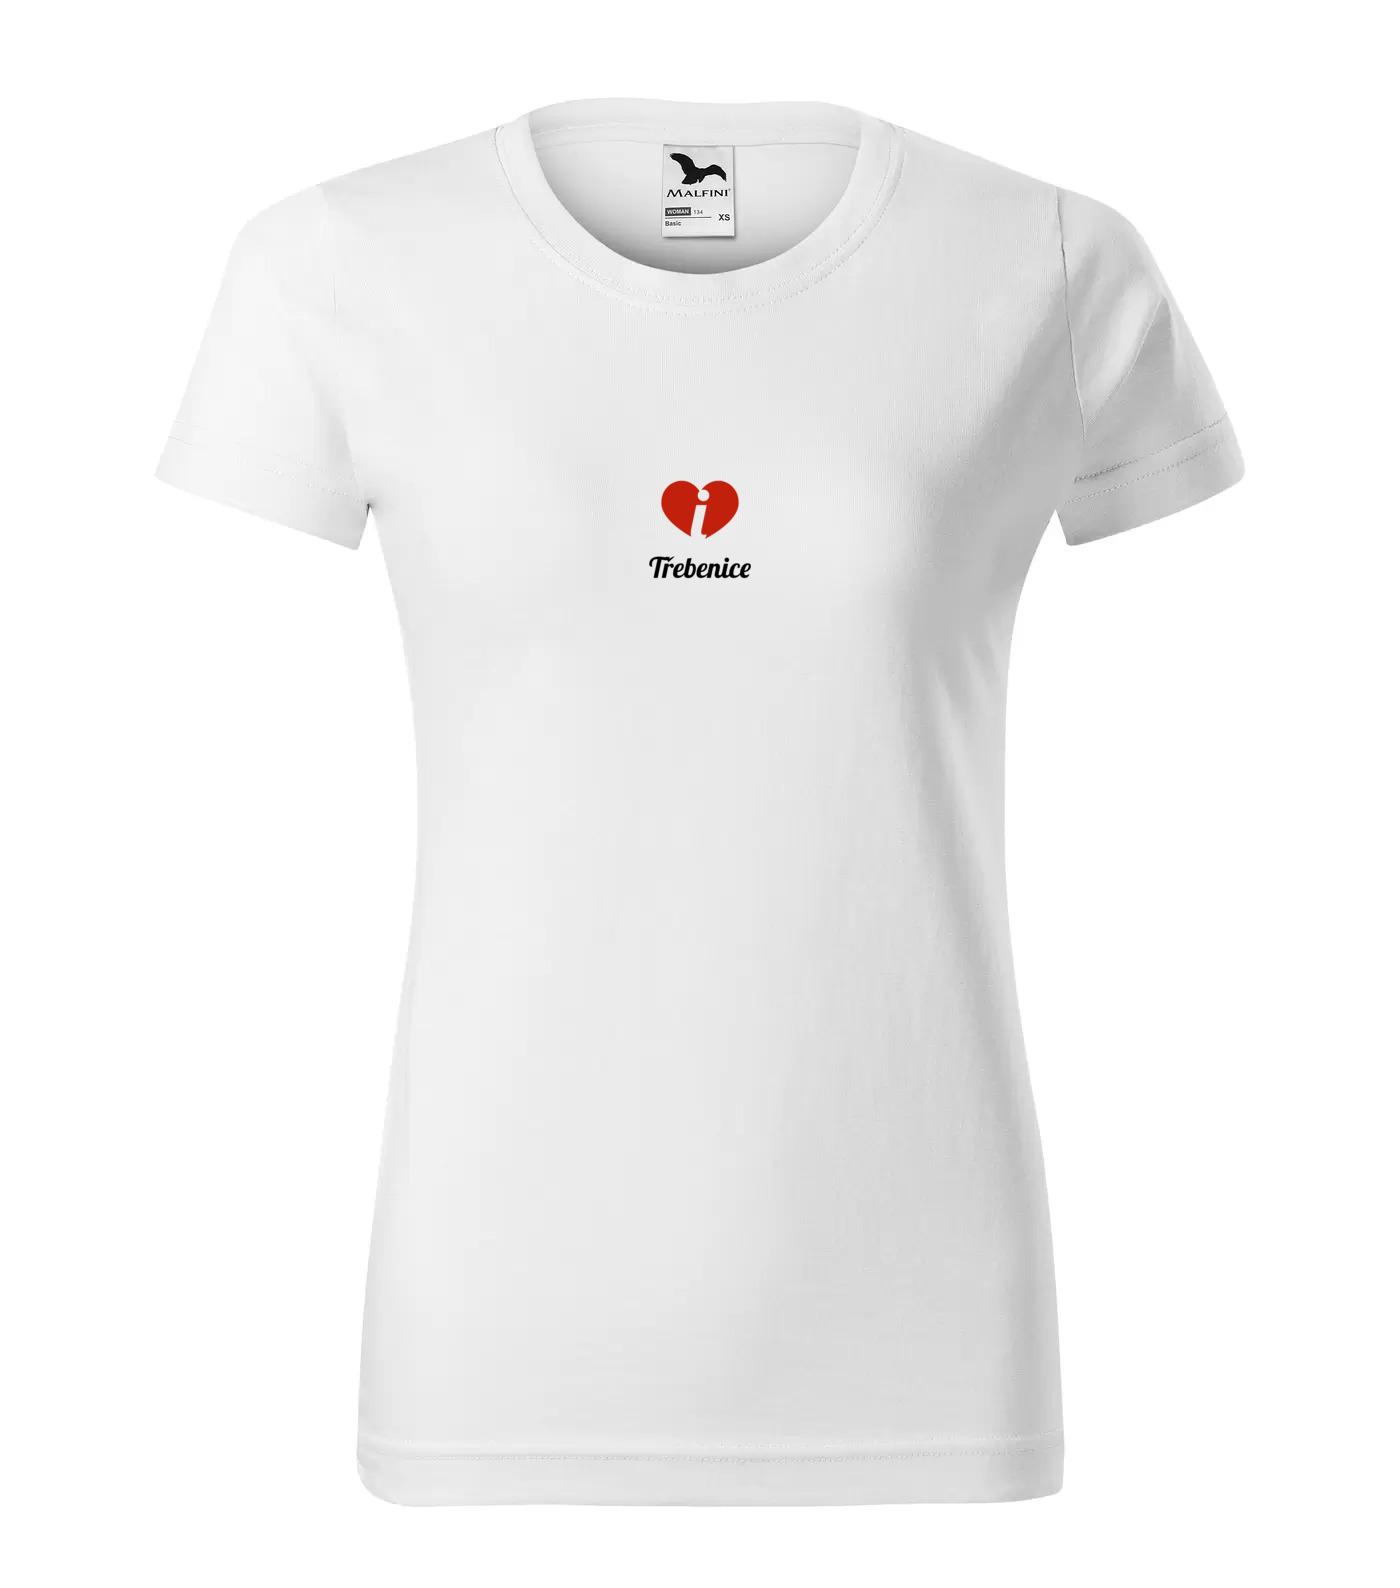 Tričko Třebenice